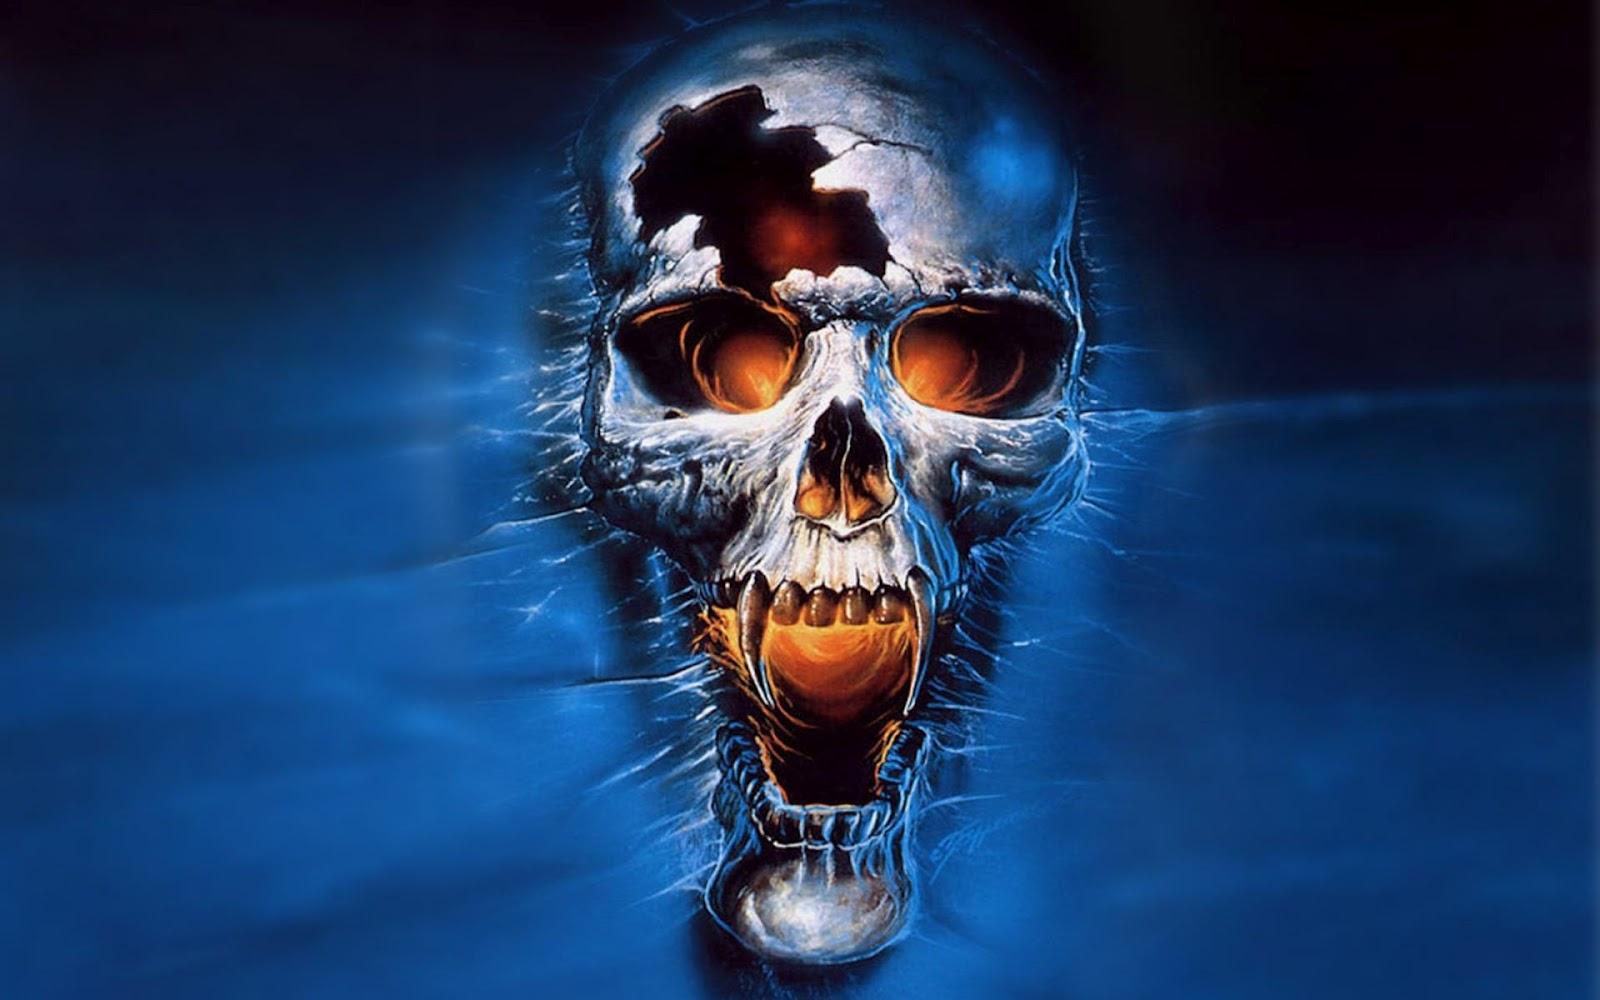 Skull 3d Wallpaper: 3D Skull Wallpapers